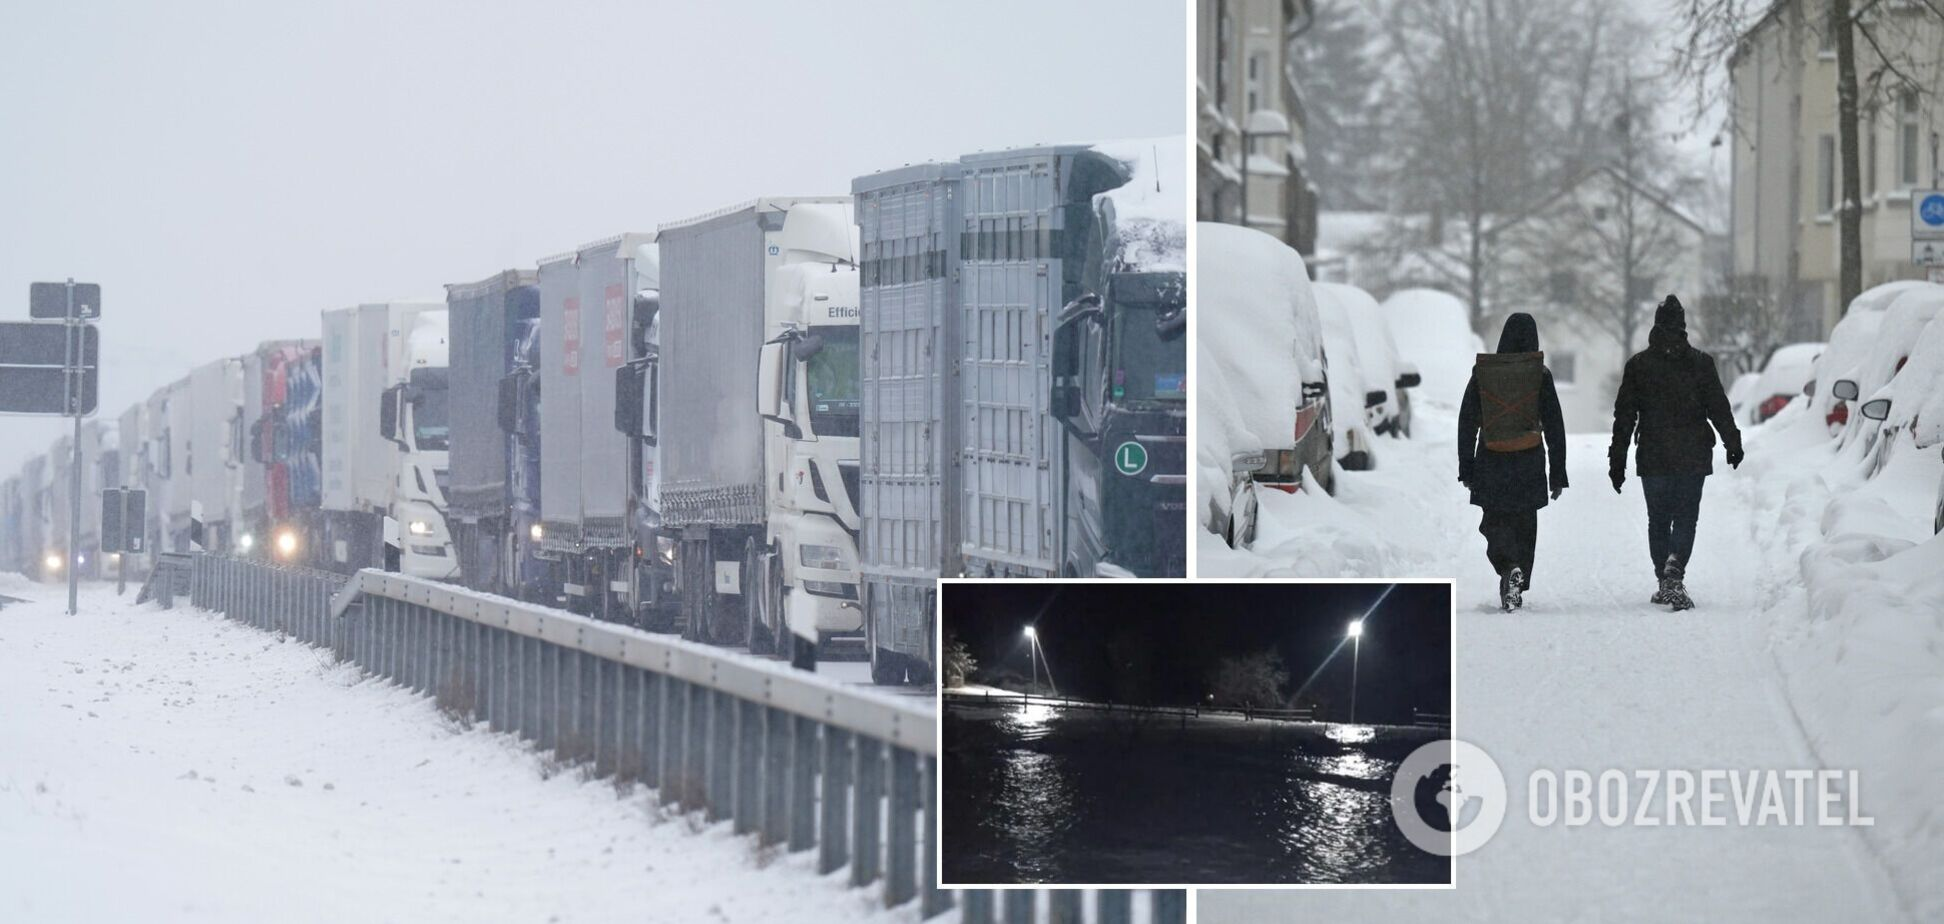 Снегопад парализовал движение в ряде европейских стран